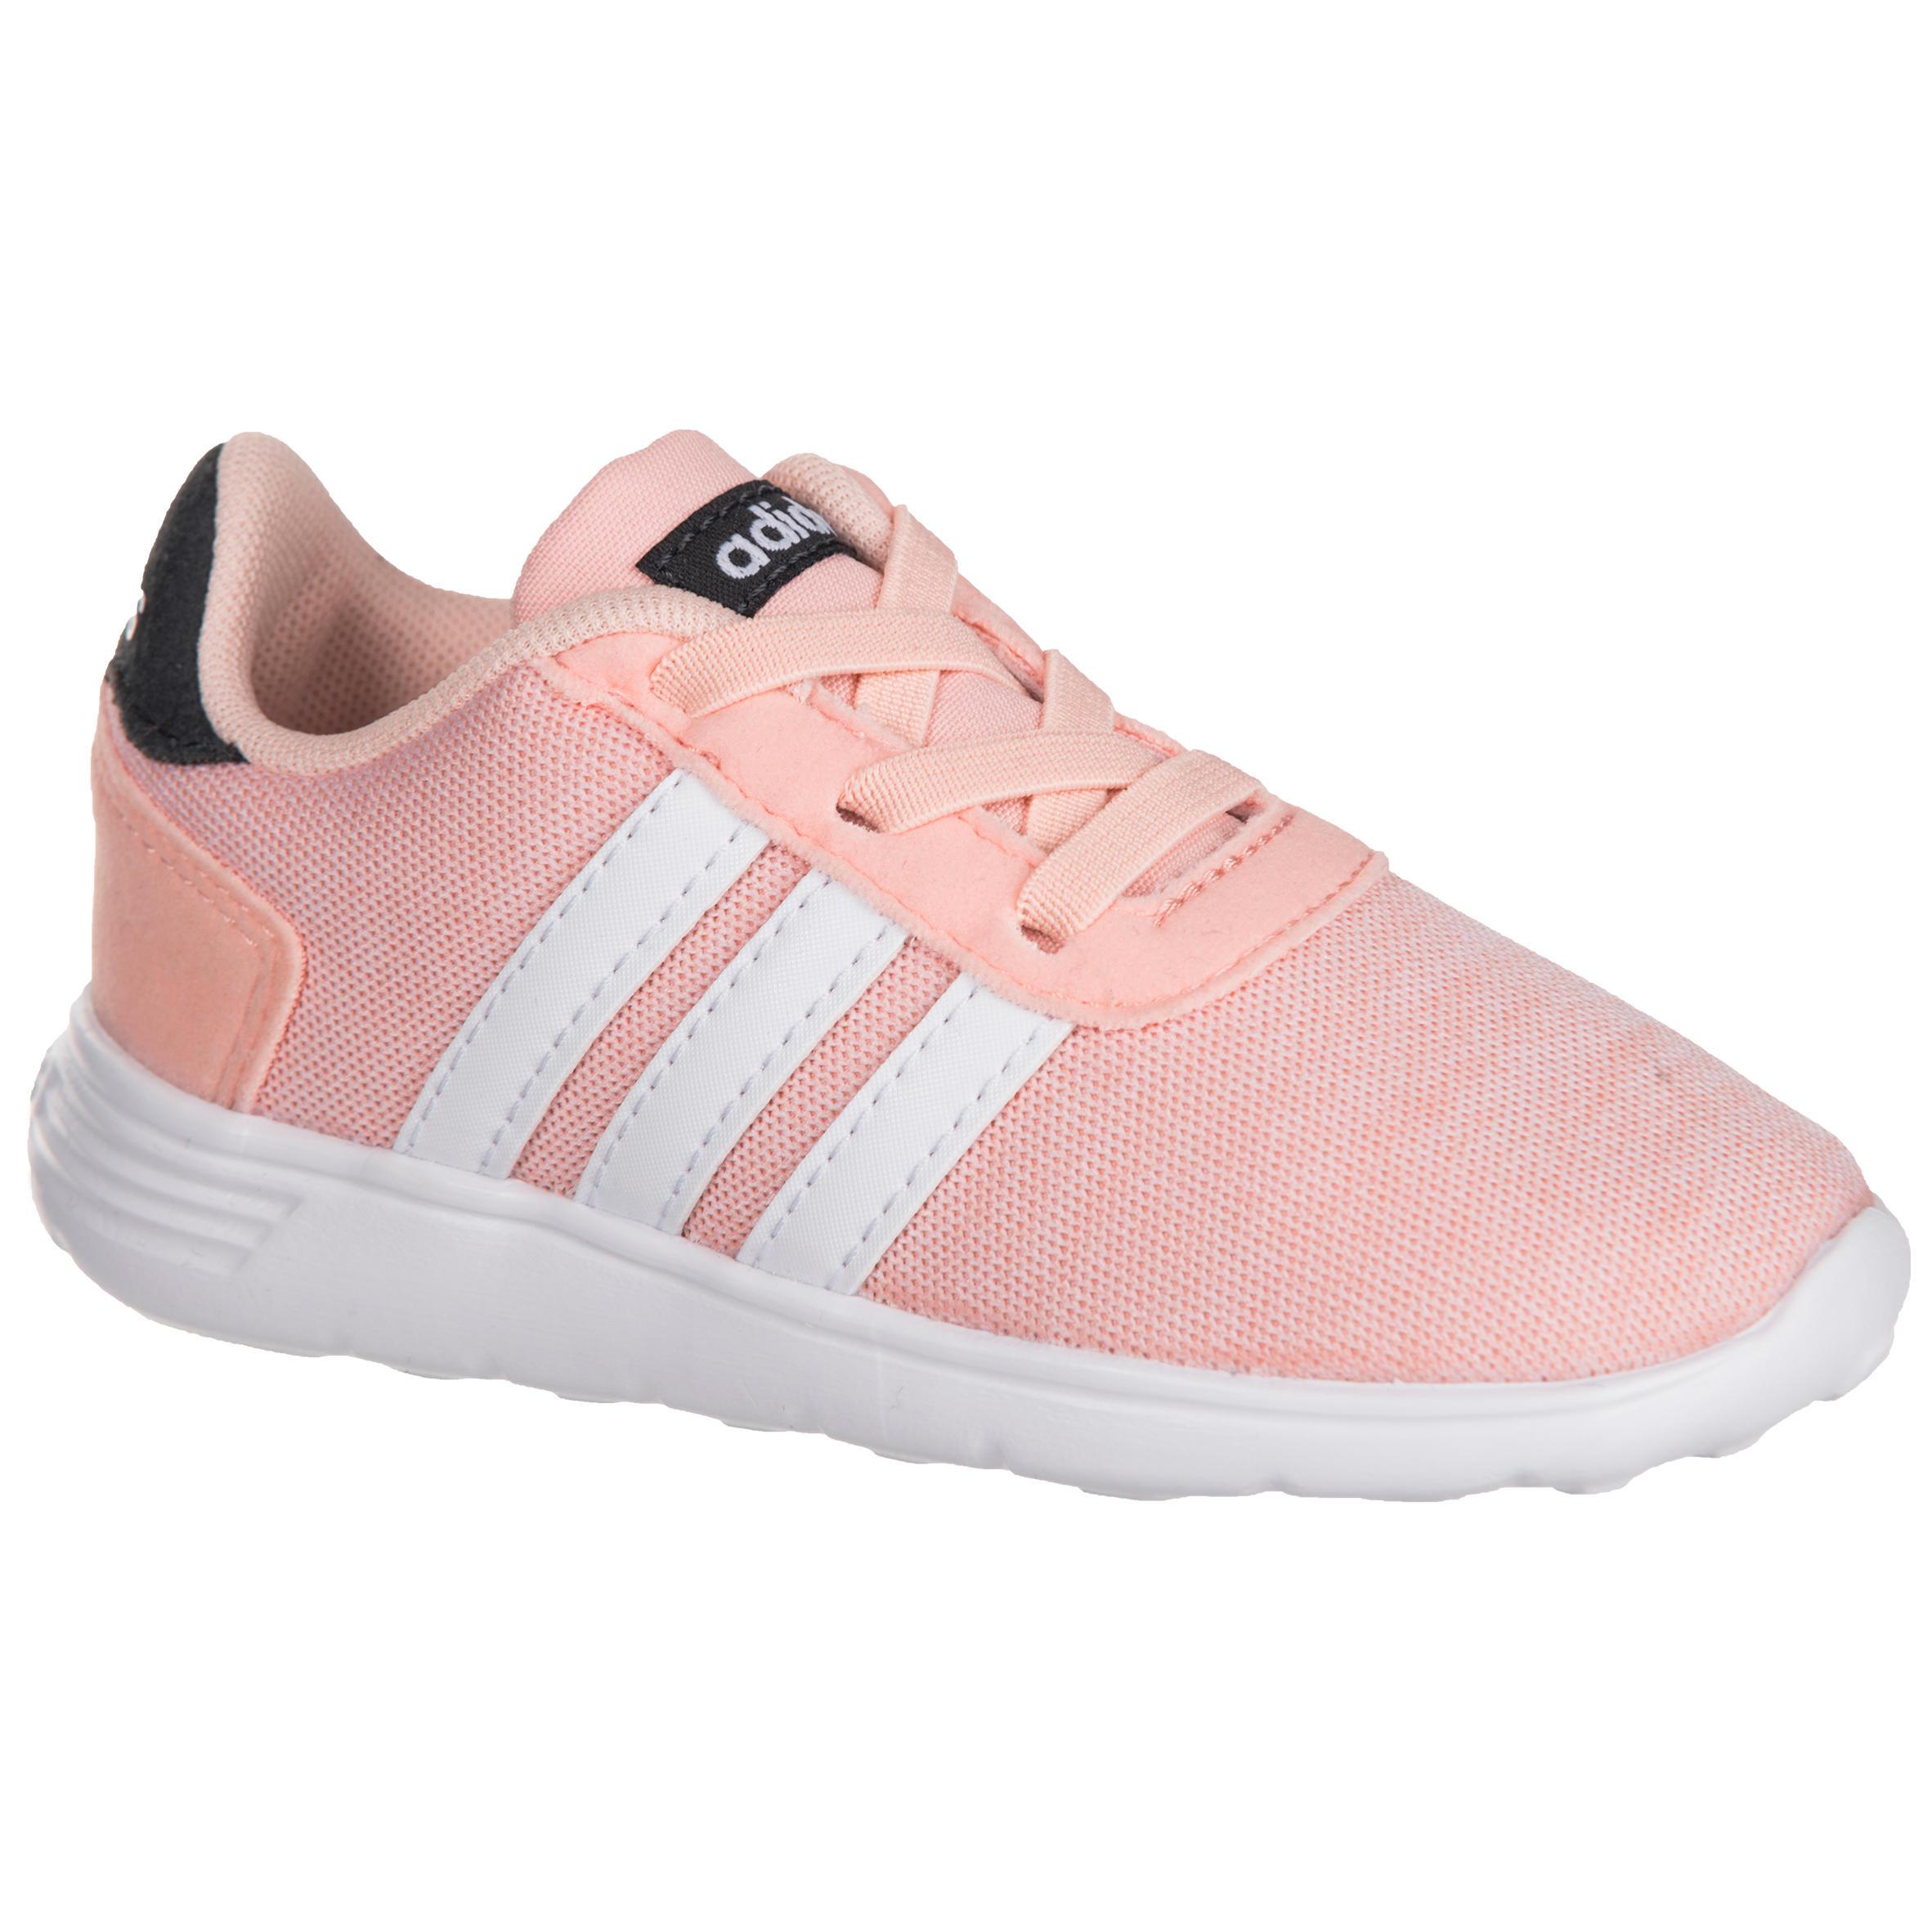 Escoba Barra oblicua Recuerdo  decathlon adidas niña - Tienda Online de Zapatos, Ropa y Complementos de  marca